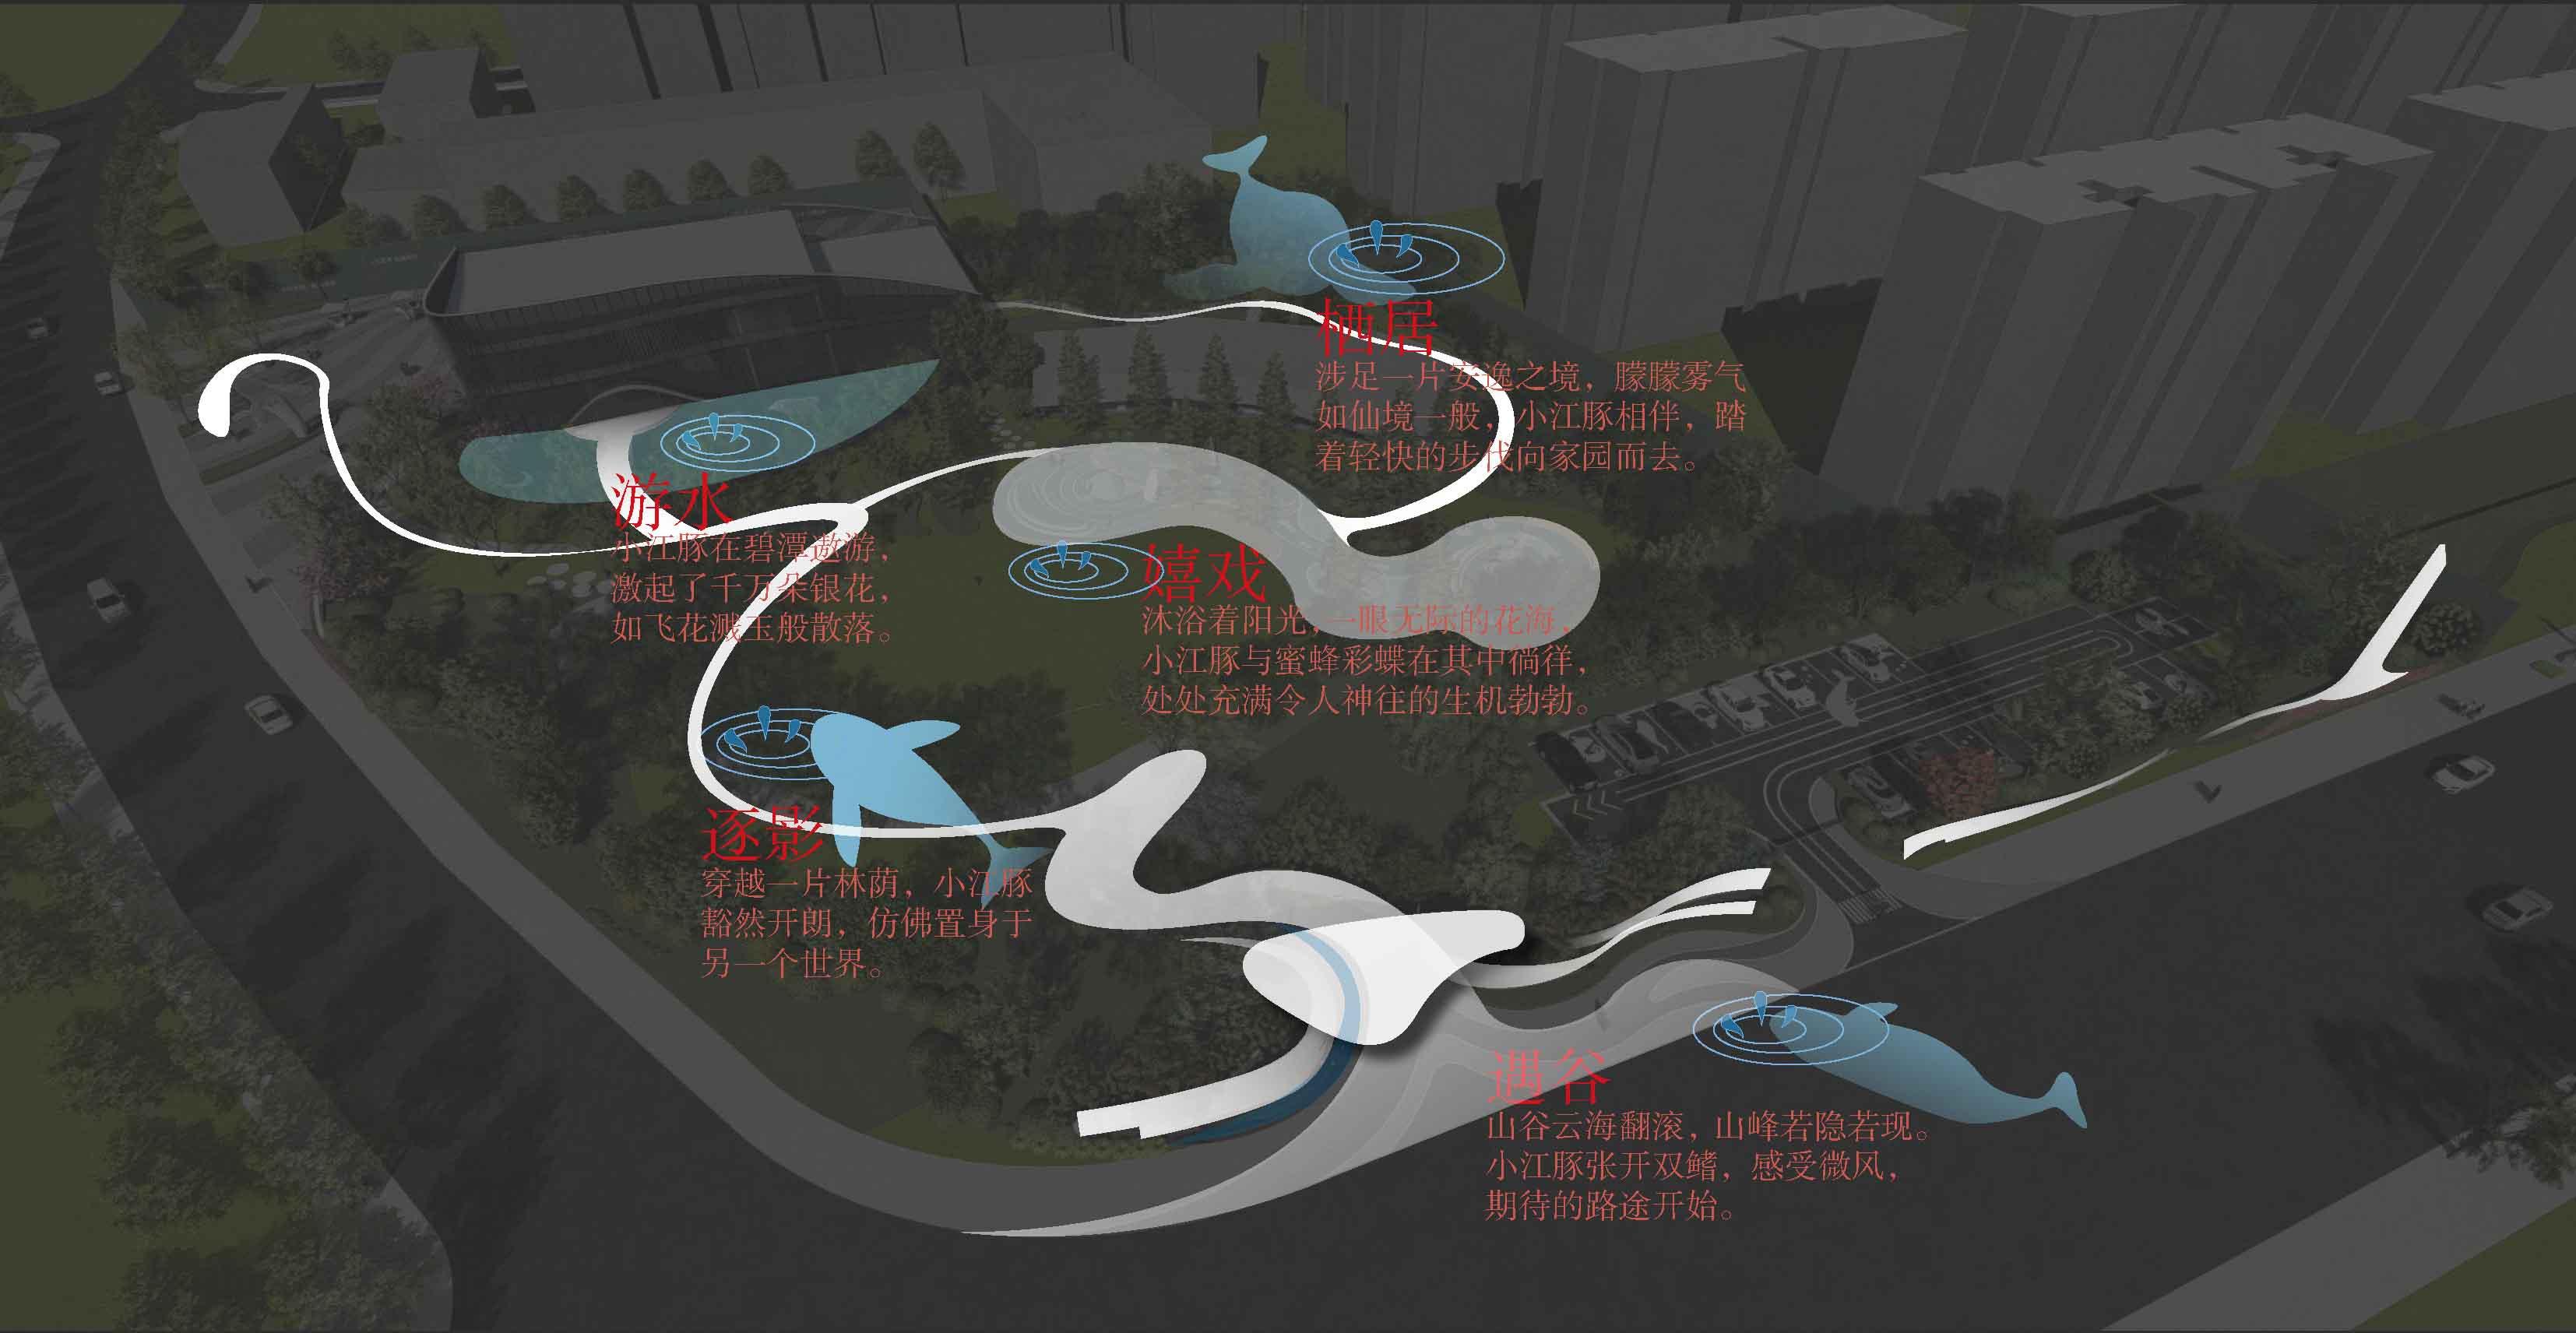 中海HI-FUN 微笑公园 方案文本2021.7.13_页面_13改.jpg